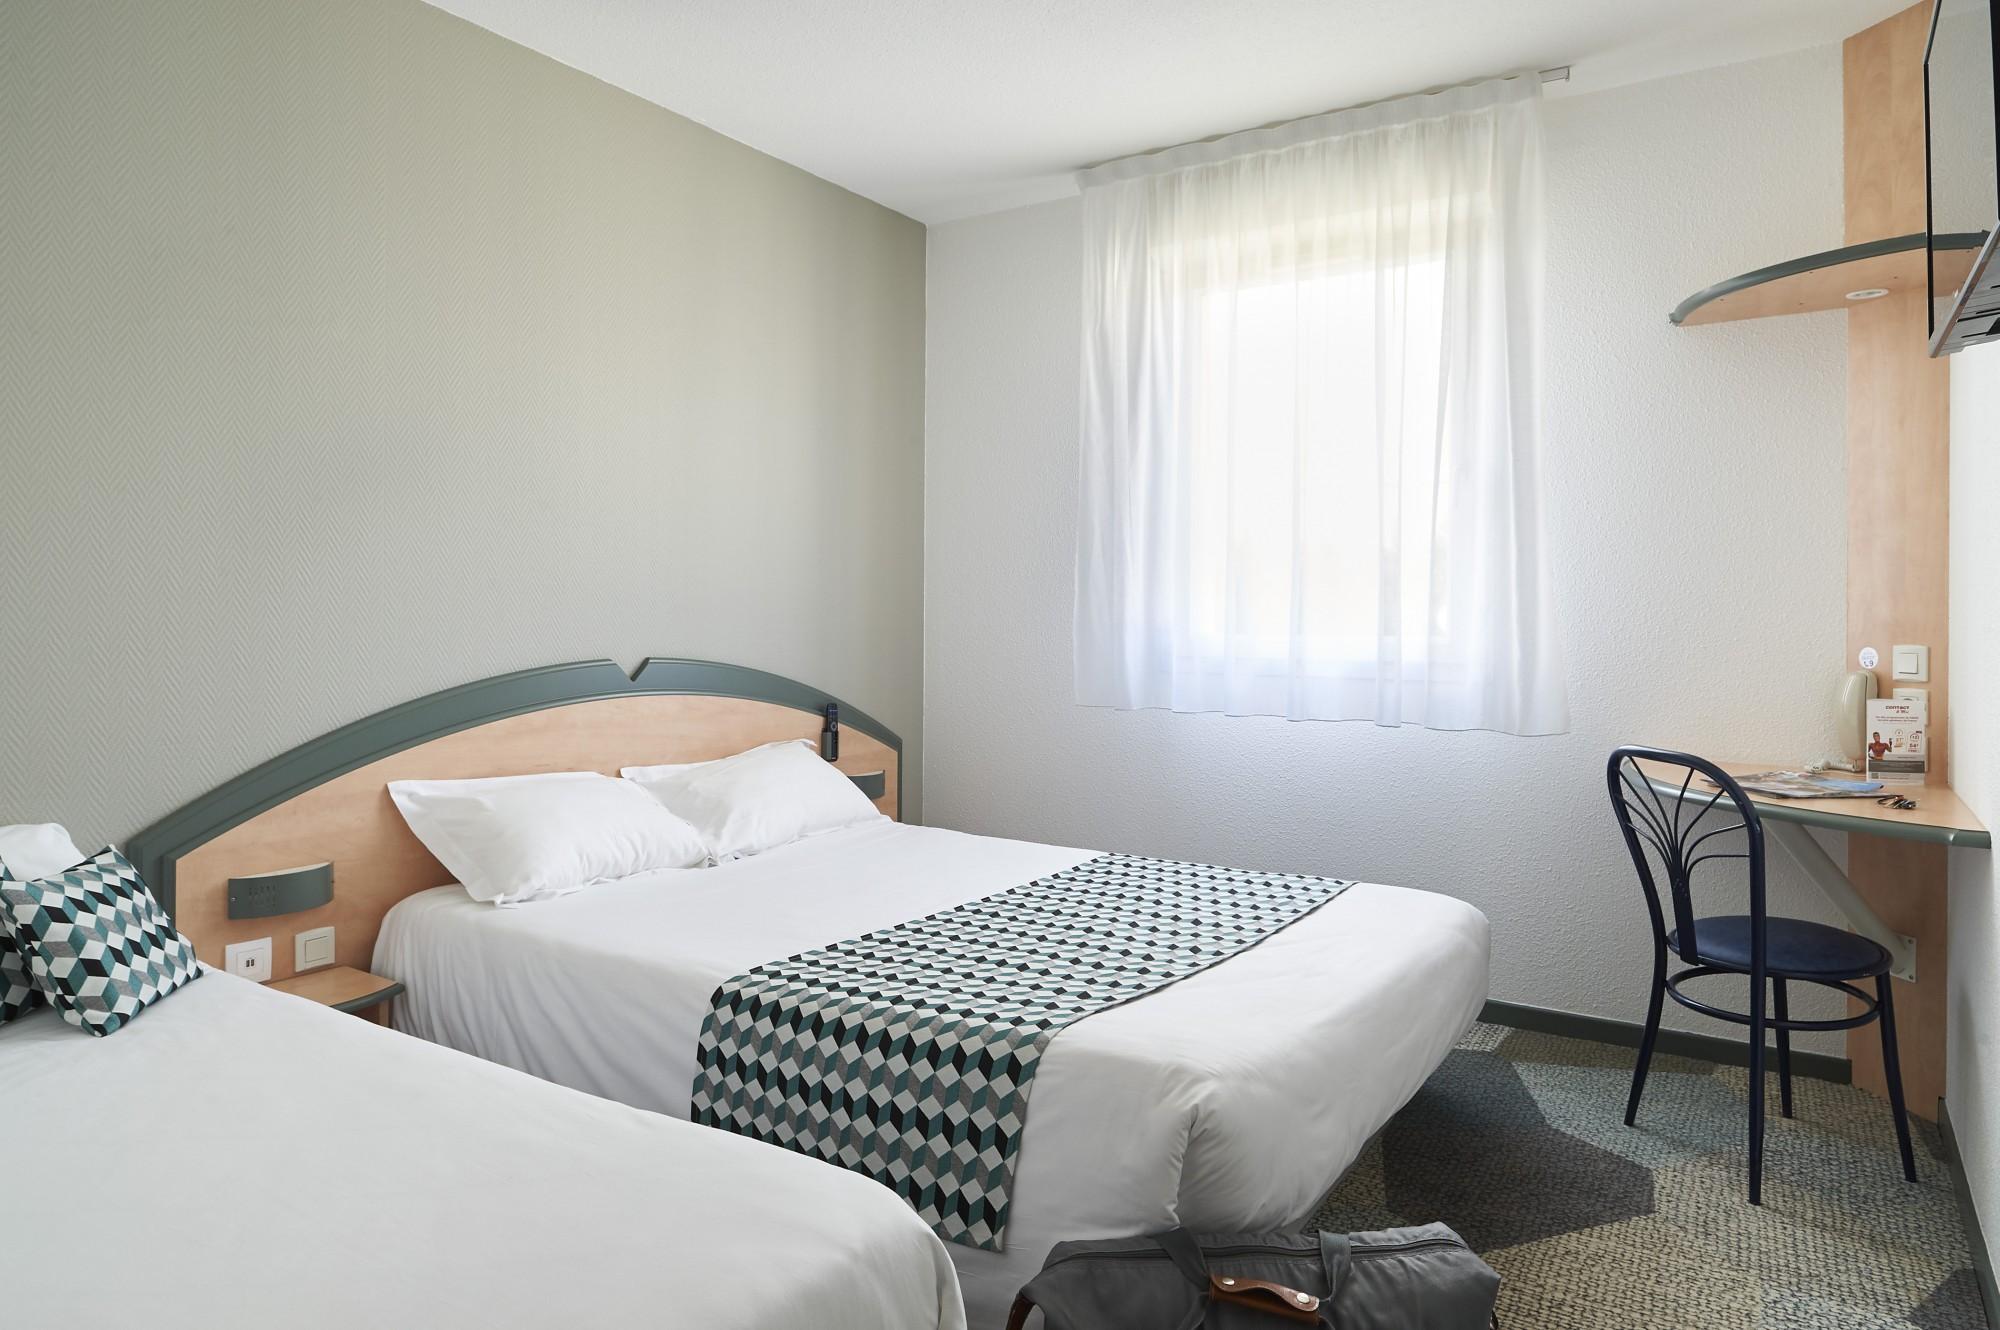 Hotel Pour Famille De 5 Personnes Pas Cher A Bordeaux Hotel Avec